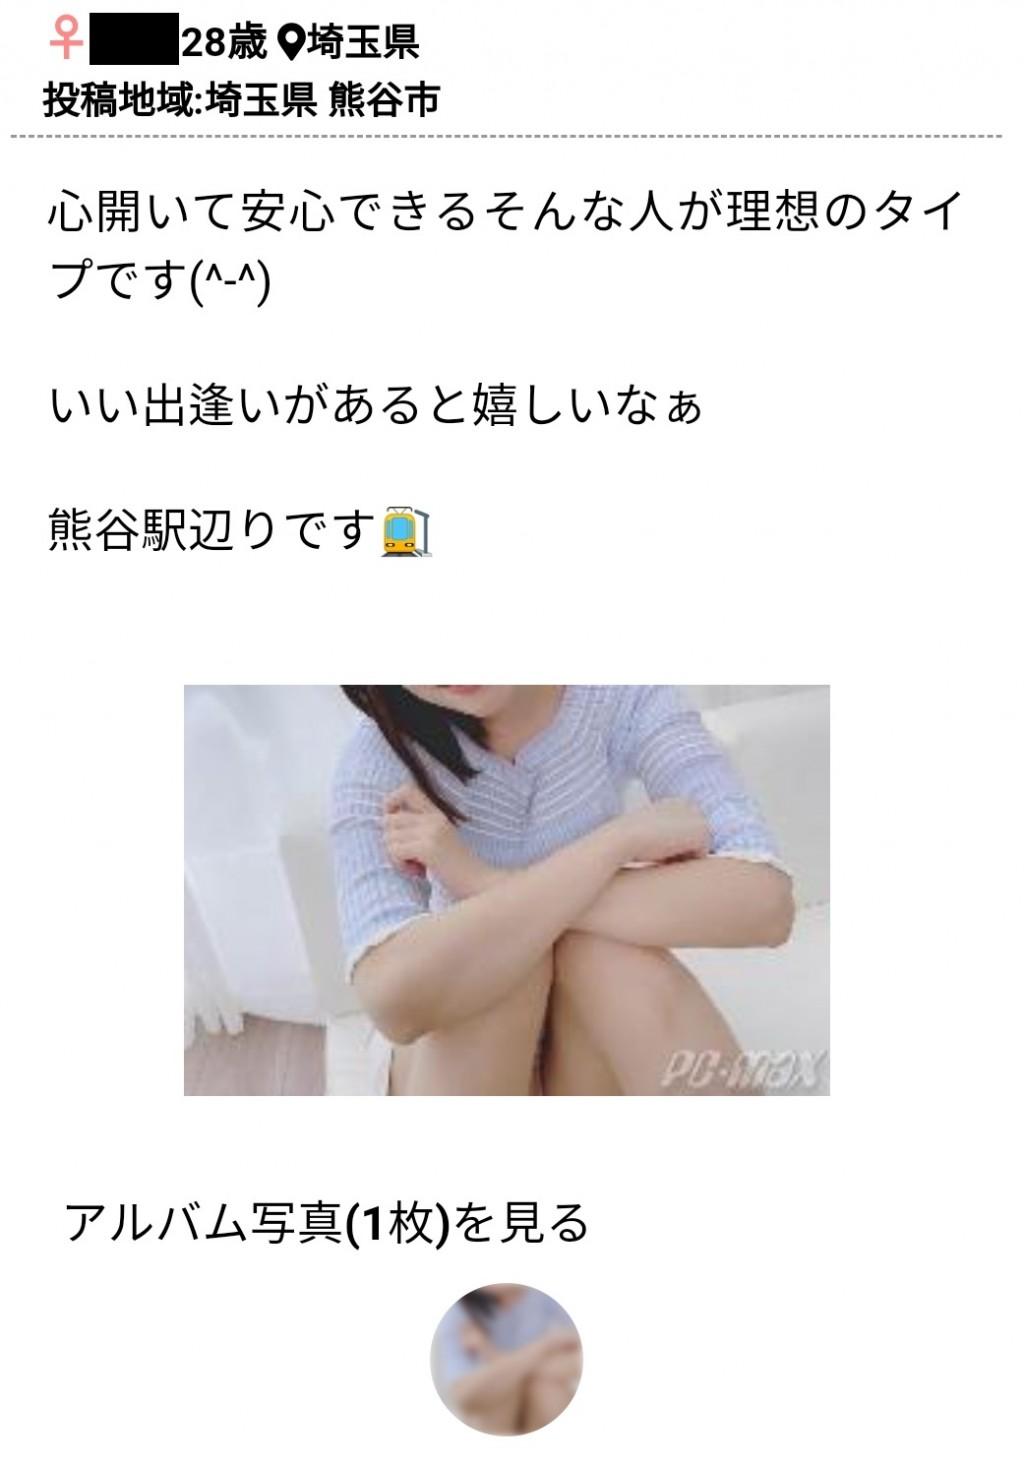 熊谷で募集してる出会い系の女の子